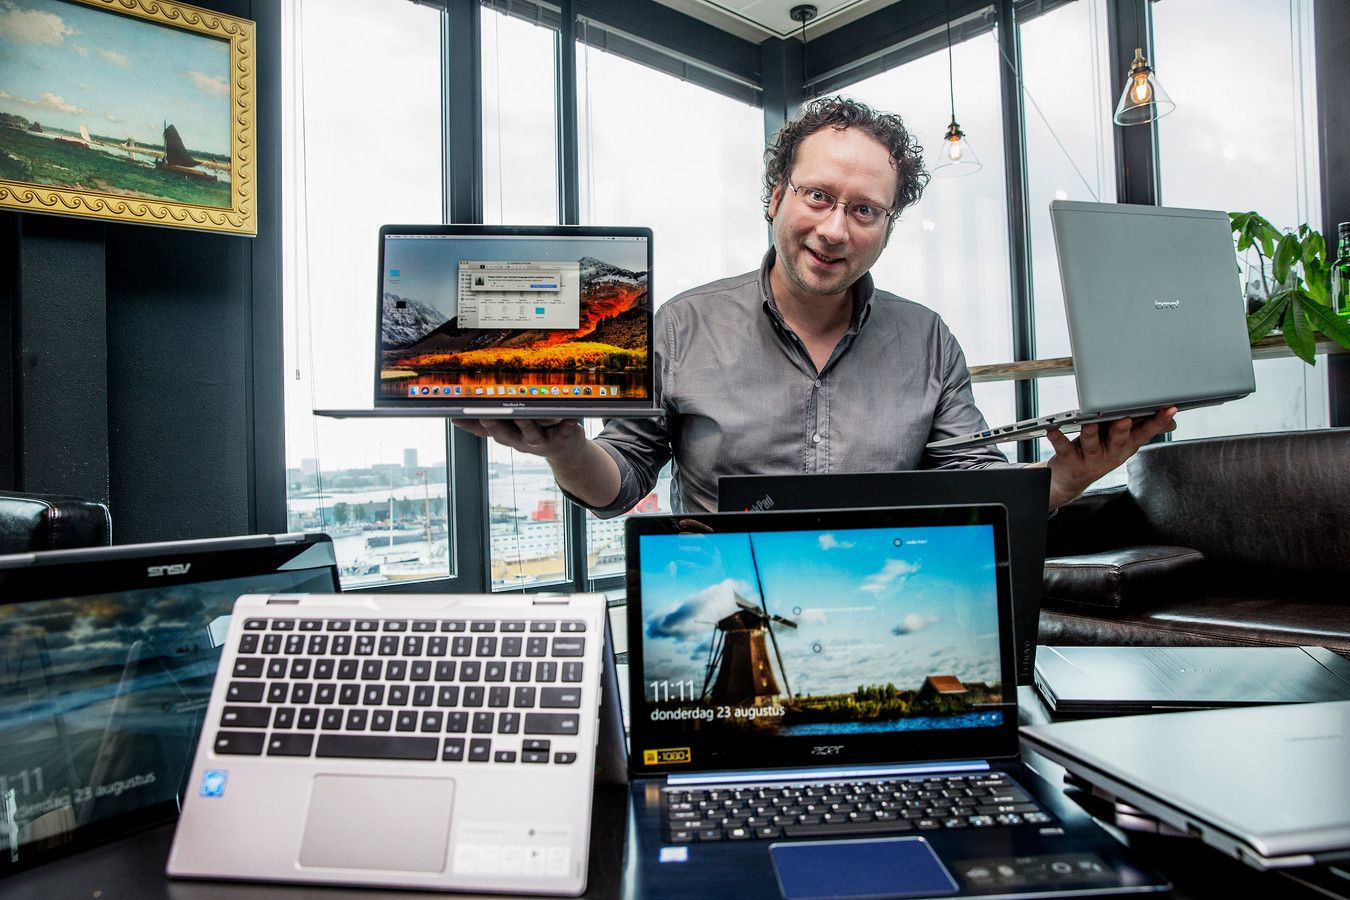 David van Dantzig adviseert om het scherm vanuit alle hoeken te bekijken.